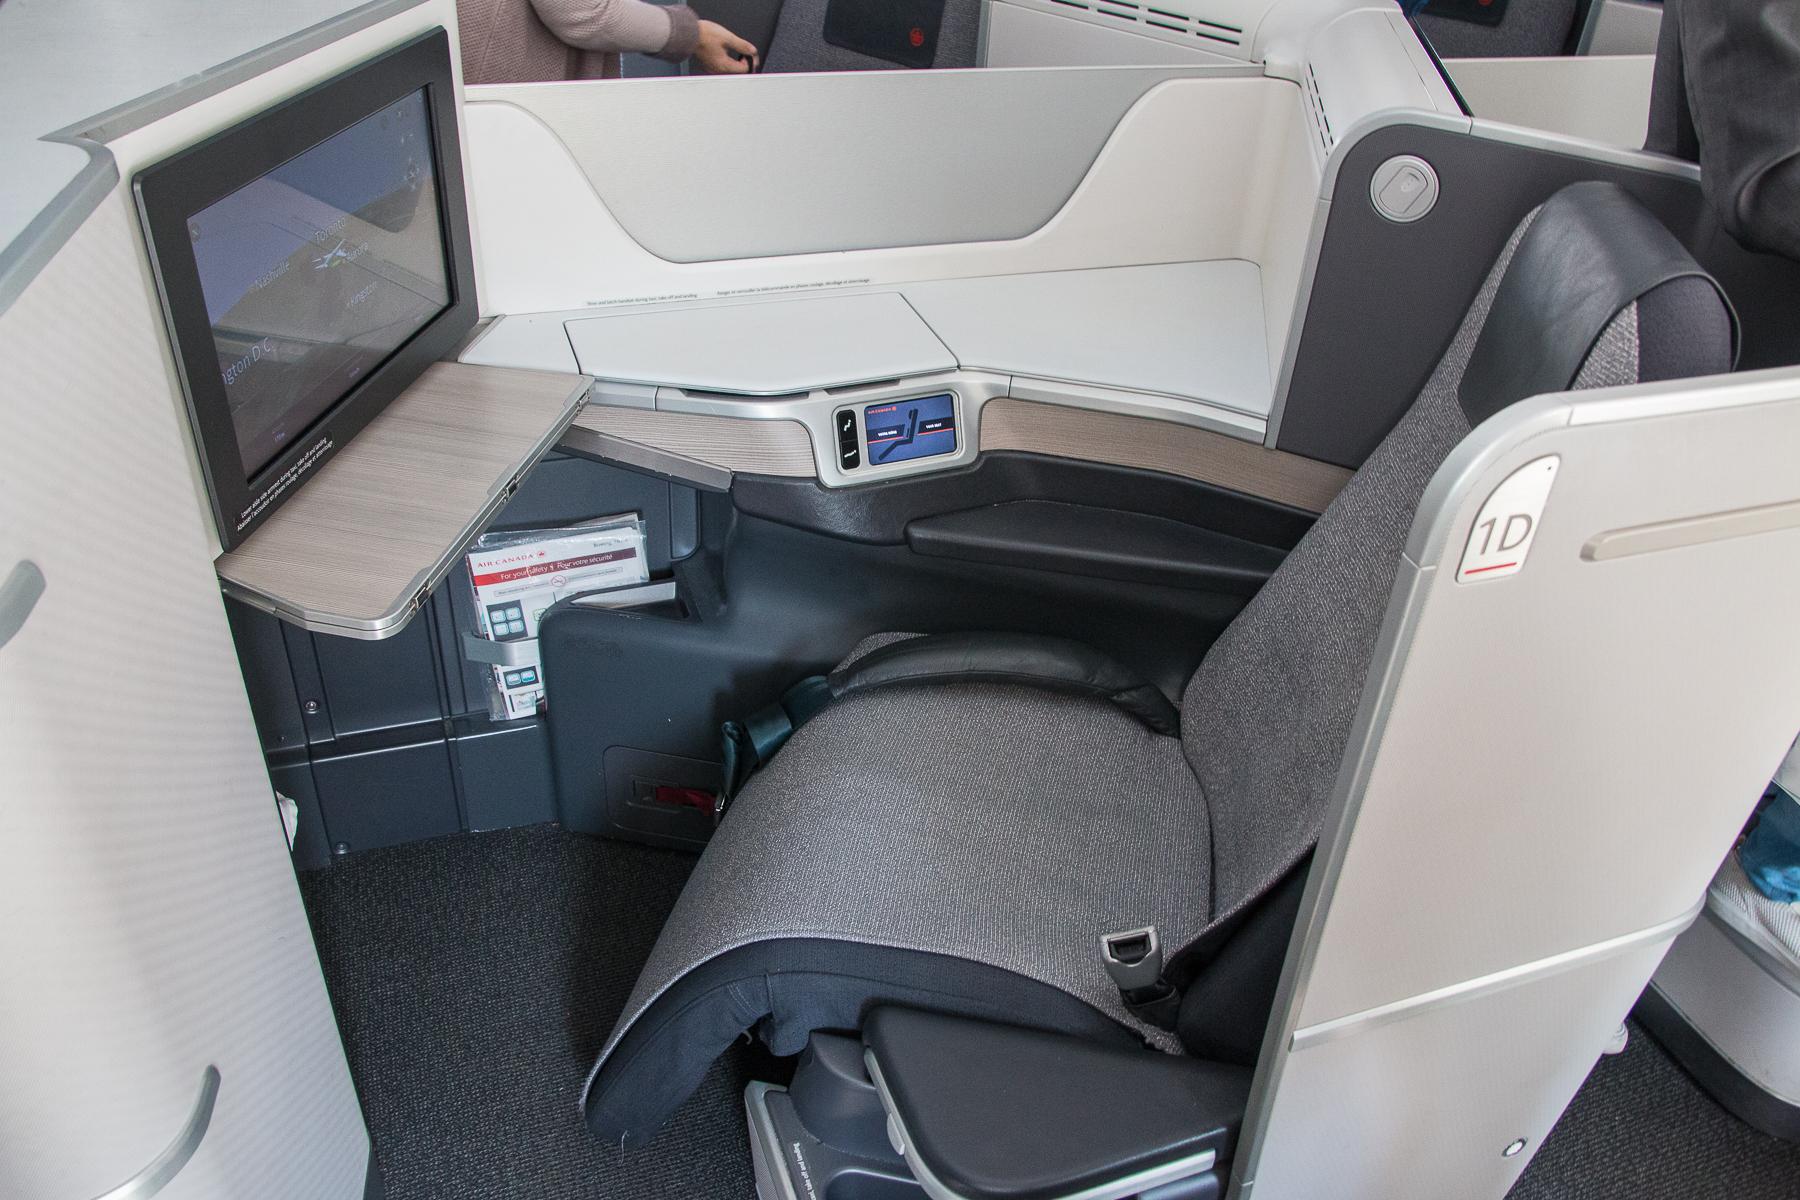 InsideFlyer Wochenrückblick Air Canada Business Class